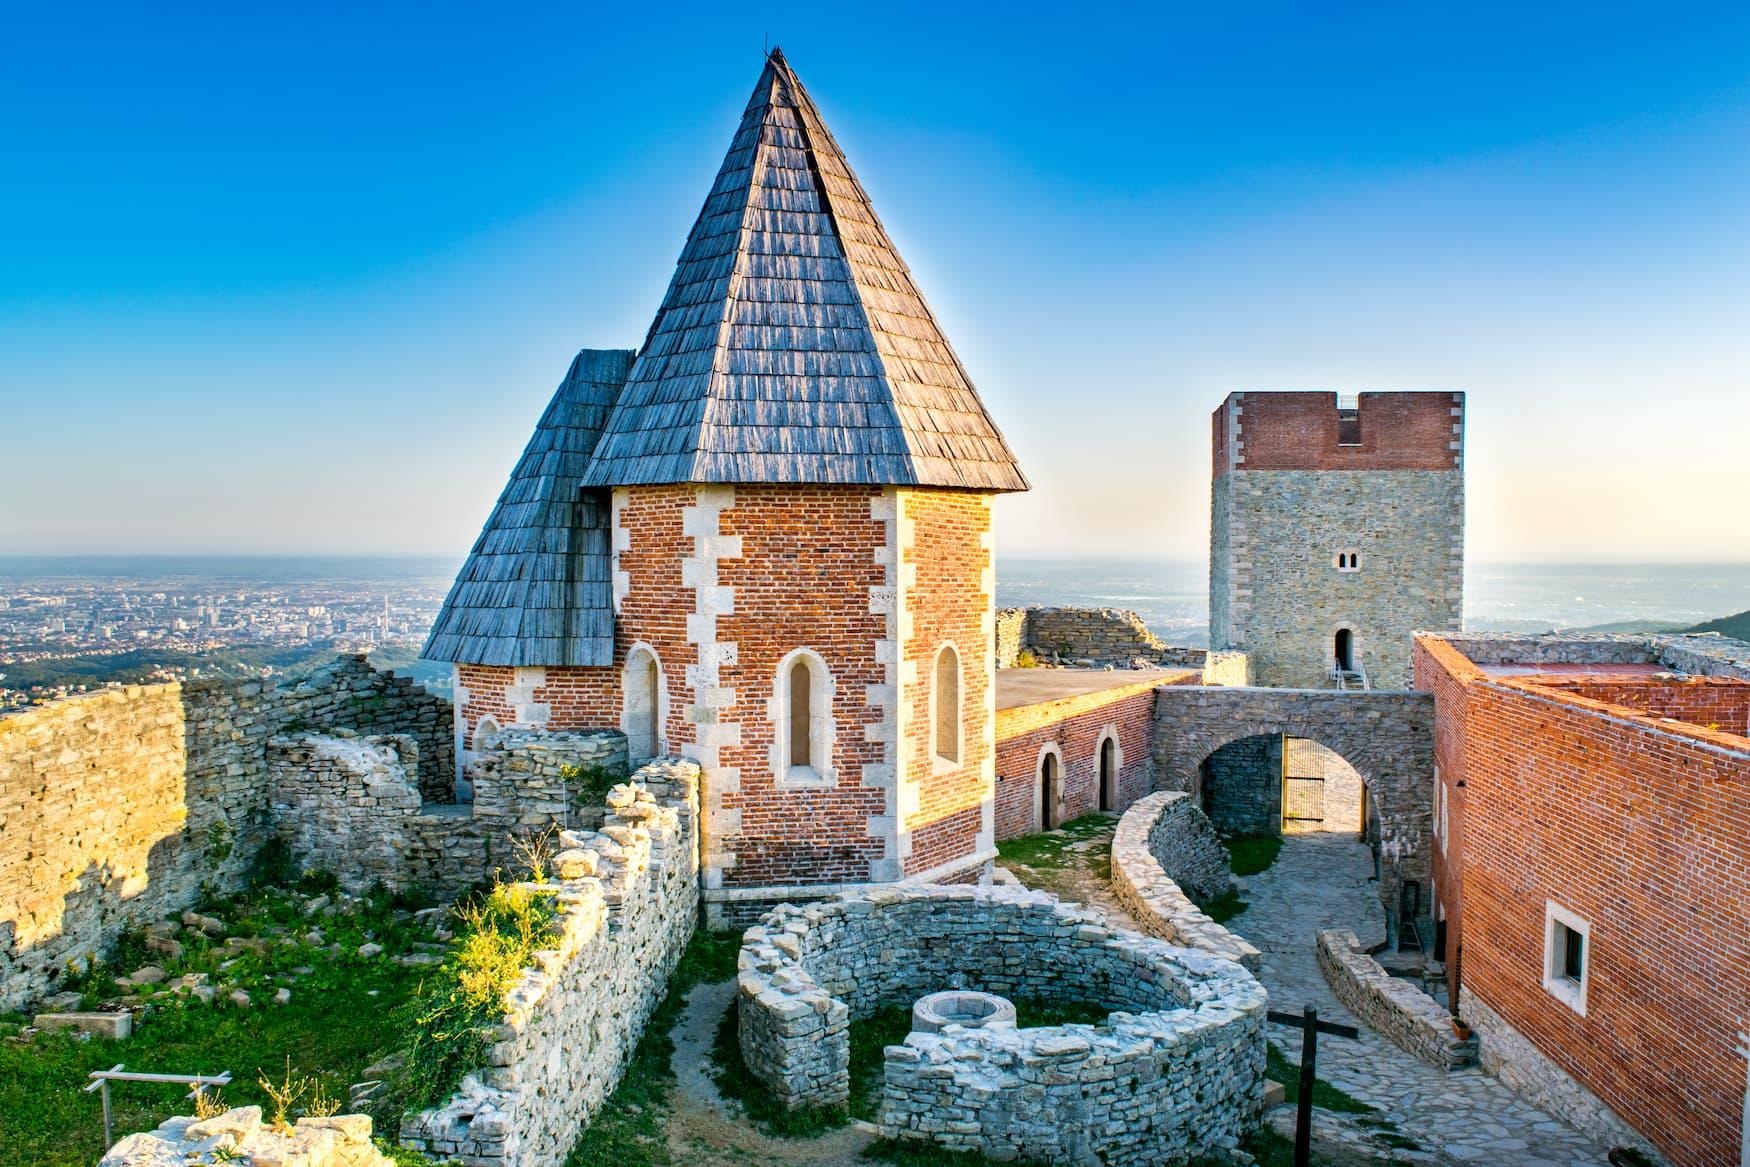 Mittelalterliche Burg in Medvednica nahe der kroatischen Hauptstadt Zagreb